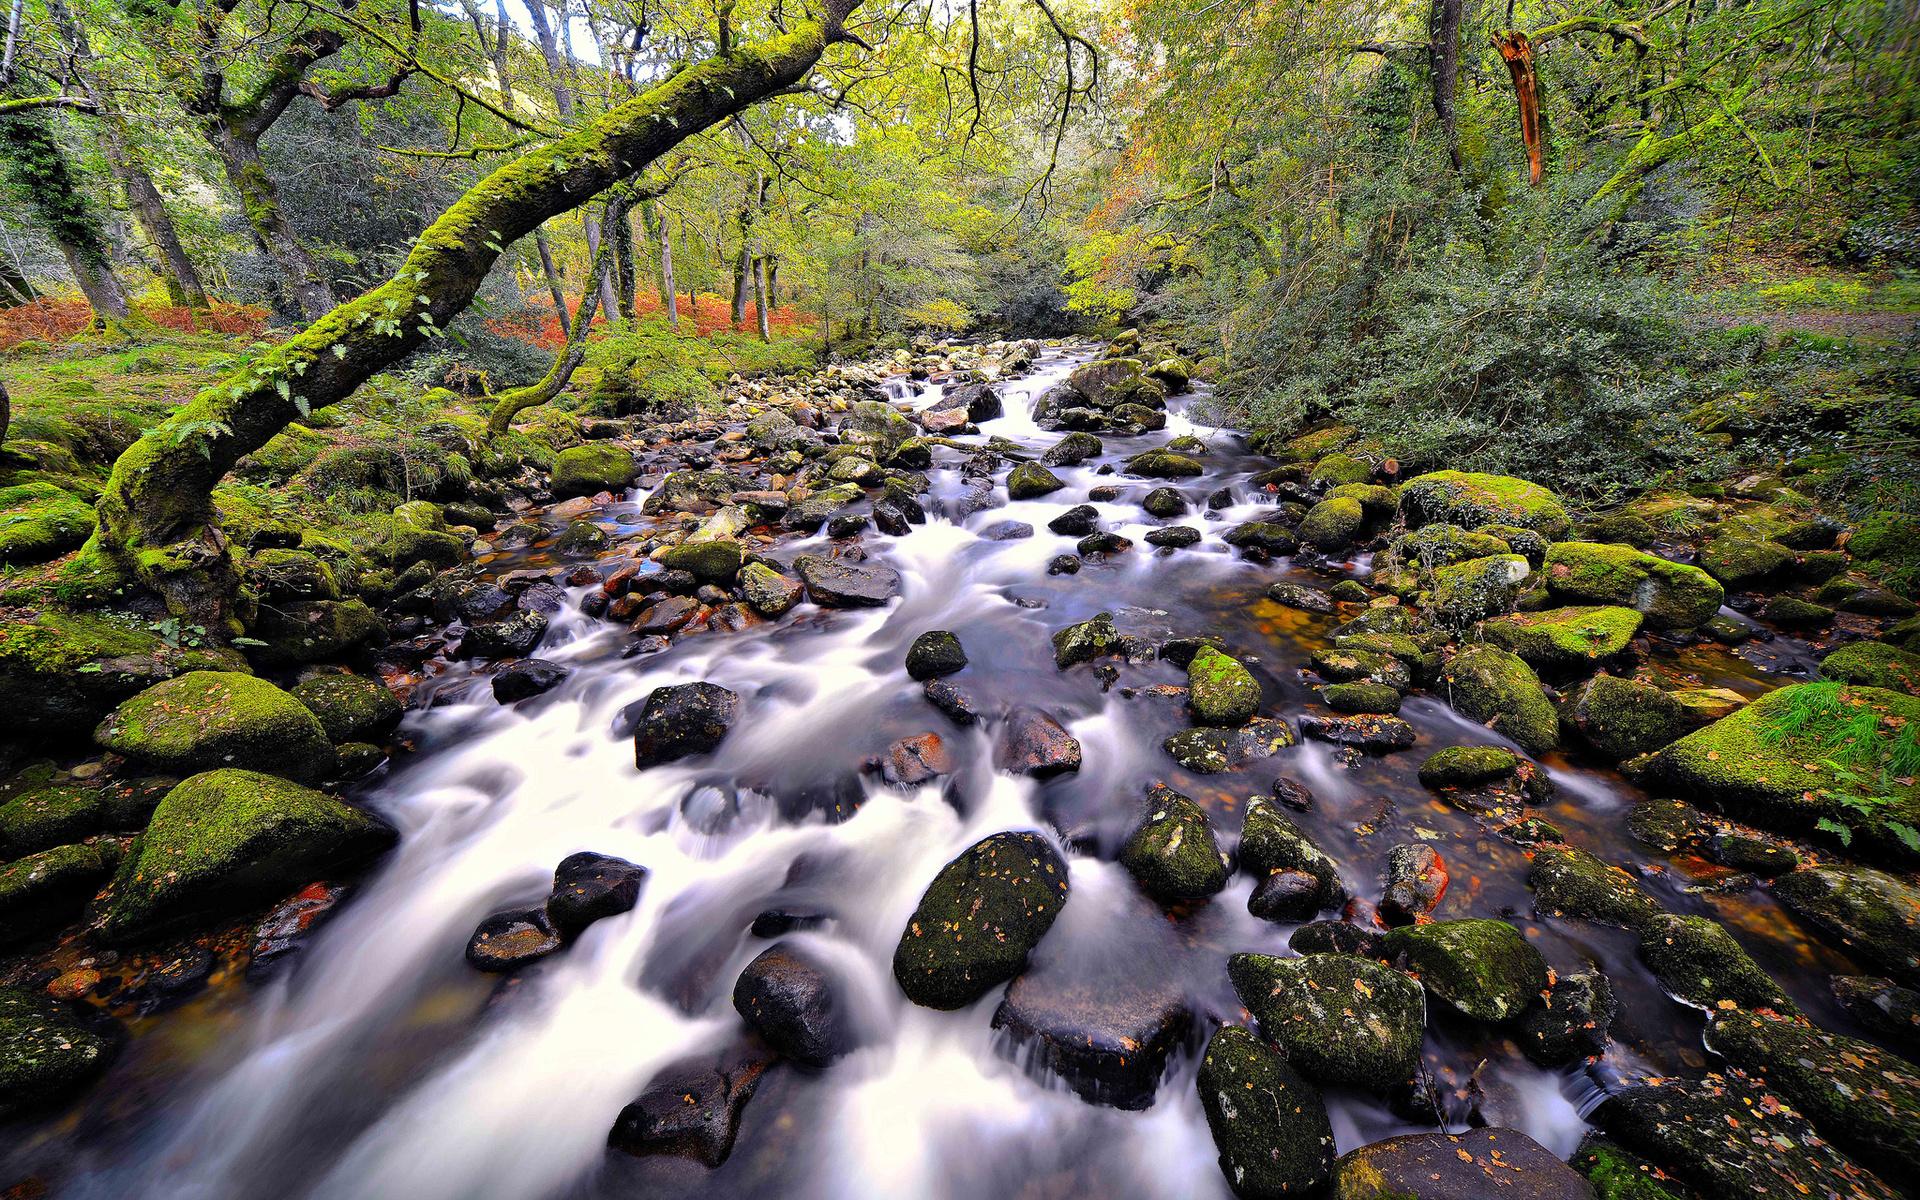 fantastic forest stream - HD Desktop Wallpapers | 4k HD